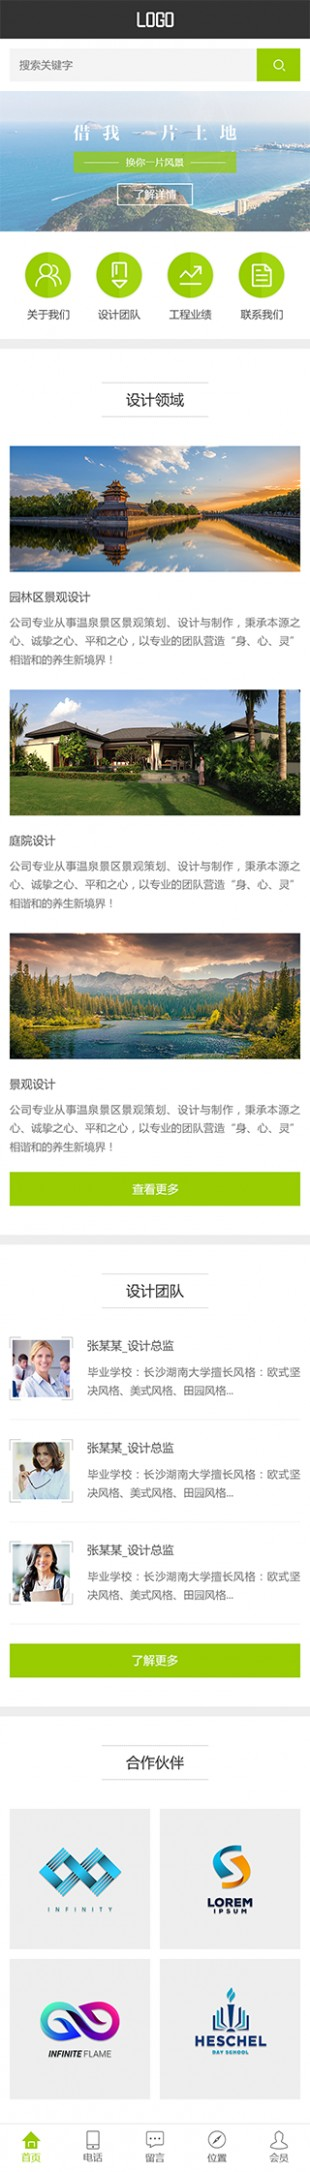 景观公司网站建设模板手机图片